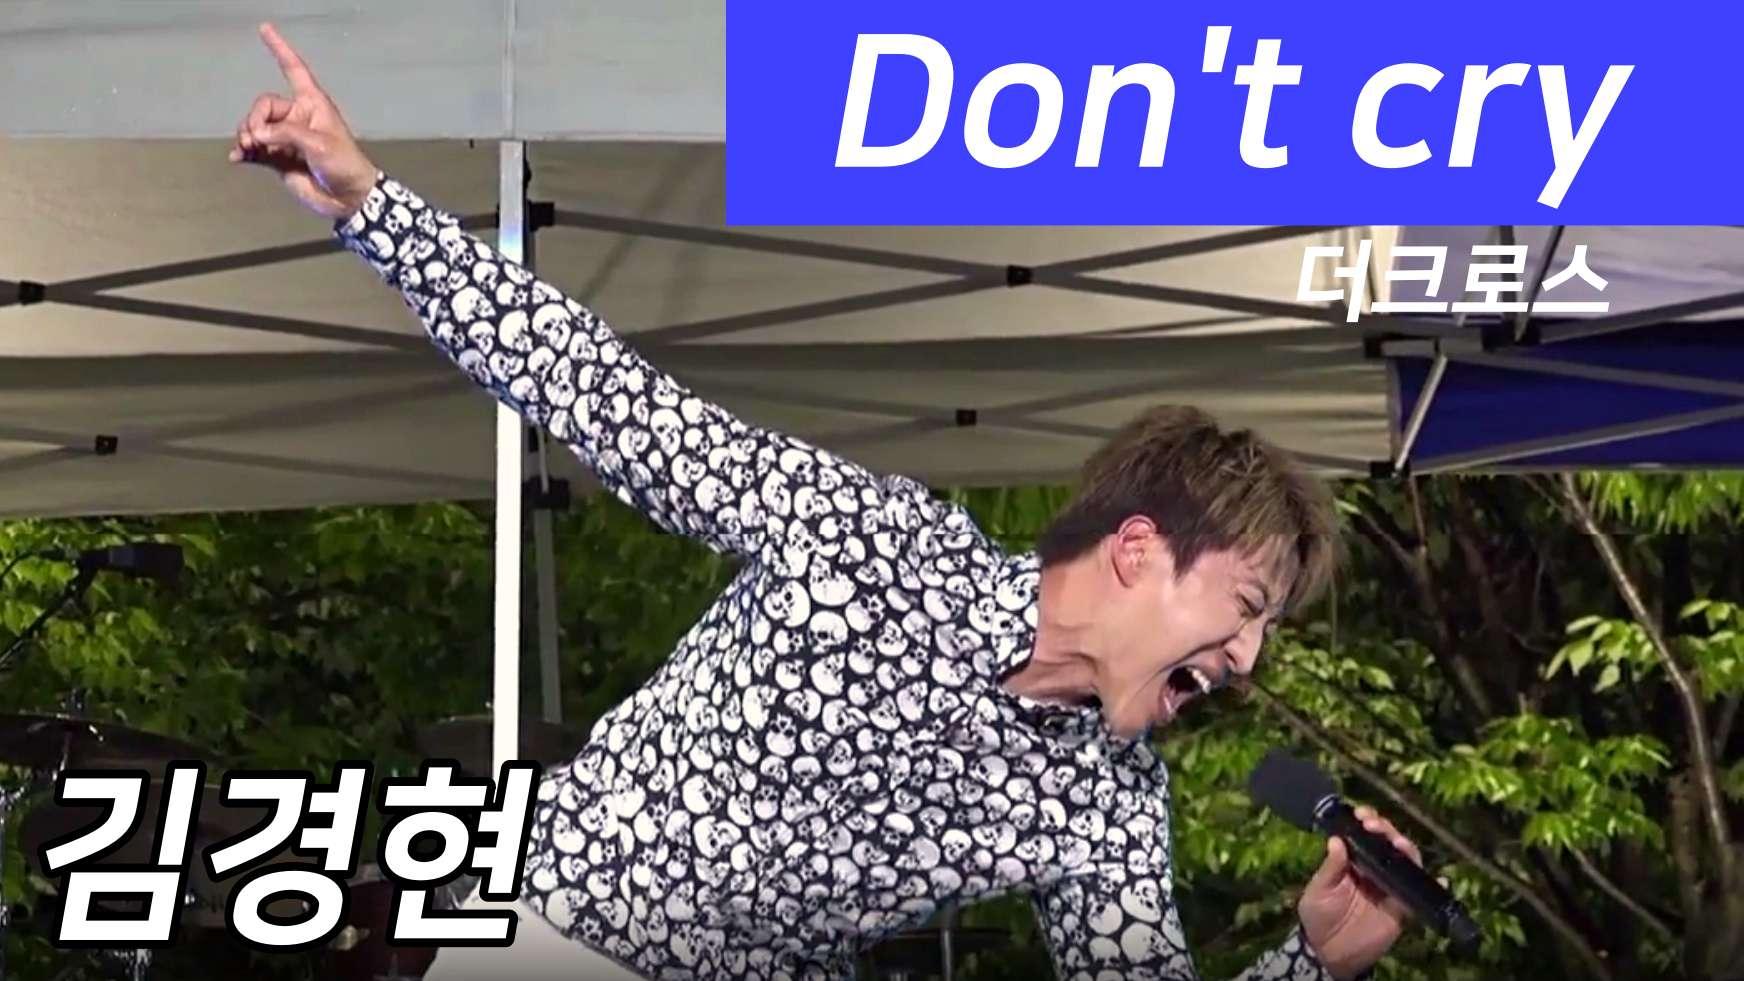 김경현-Don't cry  라이브 영상 / 초고음 더크로스_돈크라이 / 김경현돈크라이